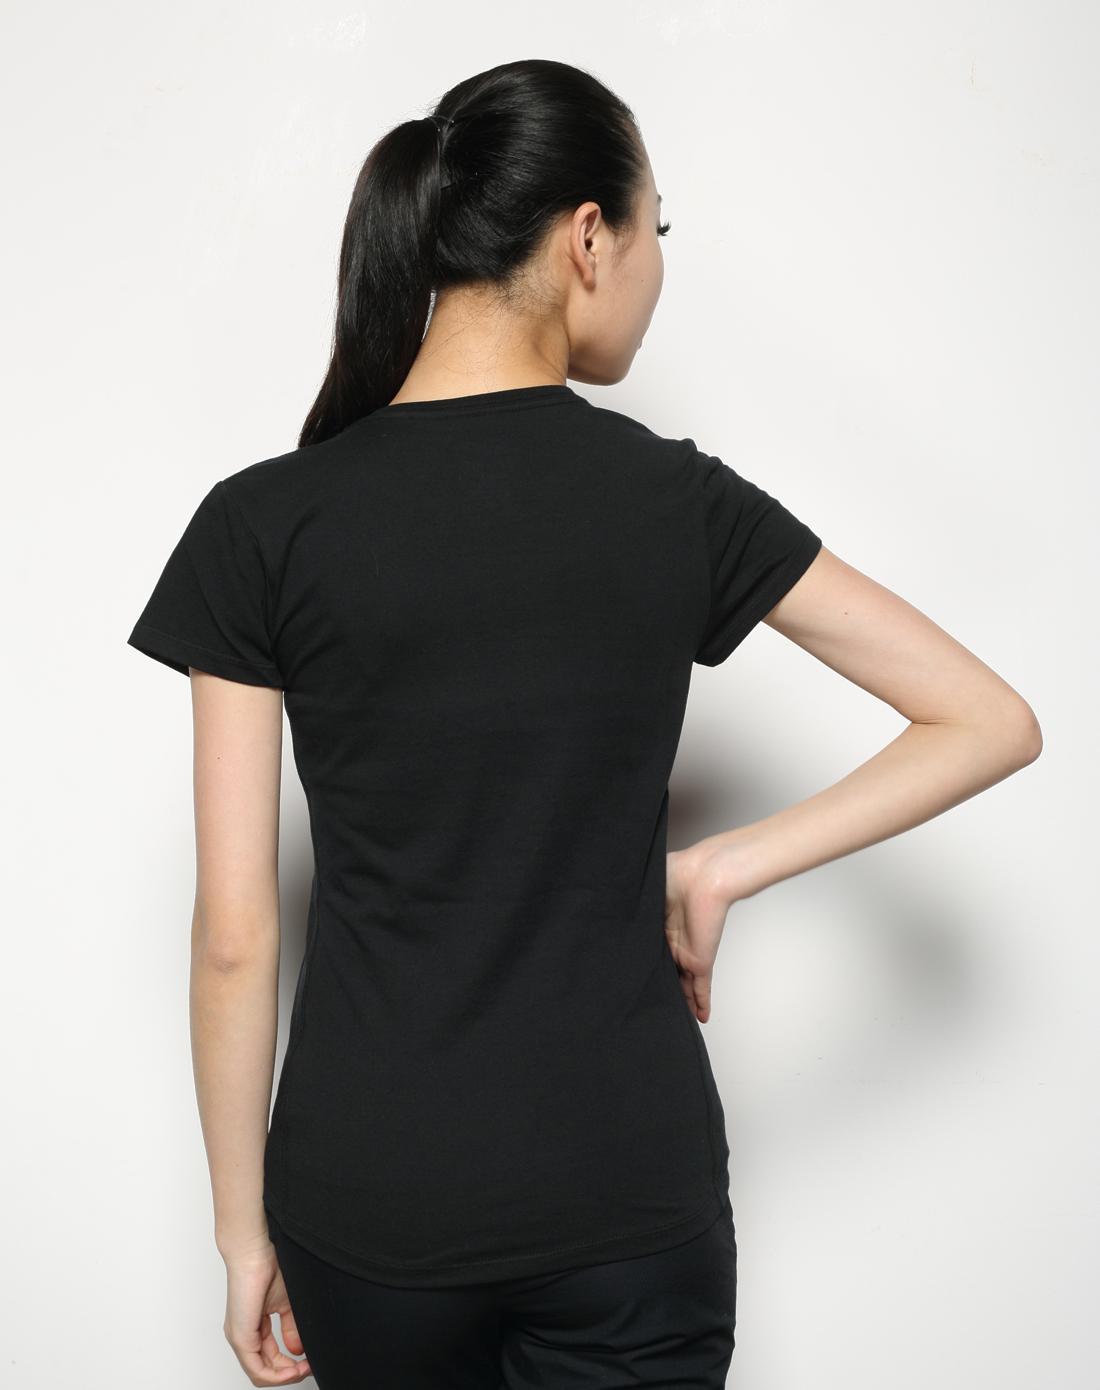 女子黑色短袖t恤